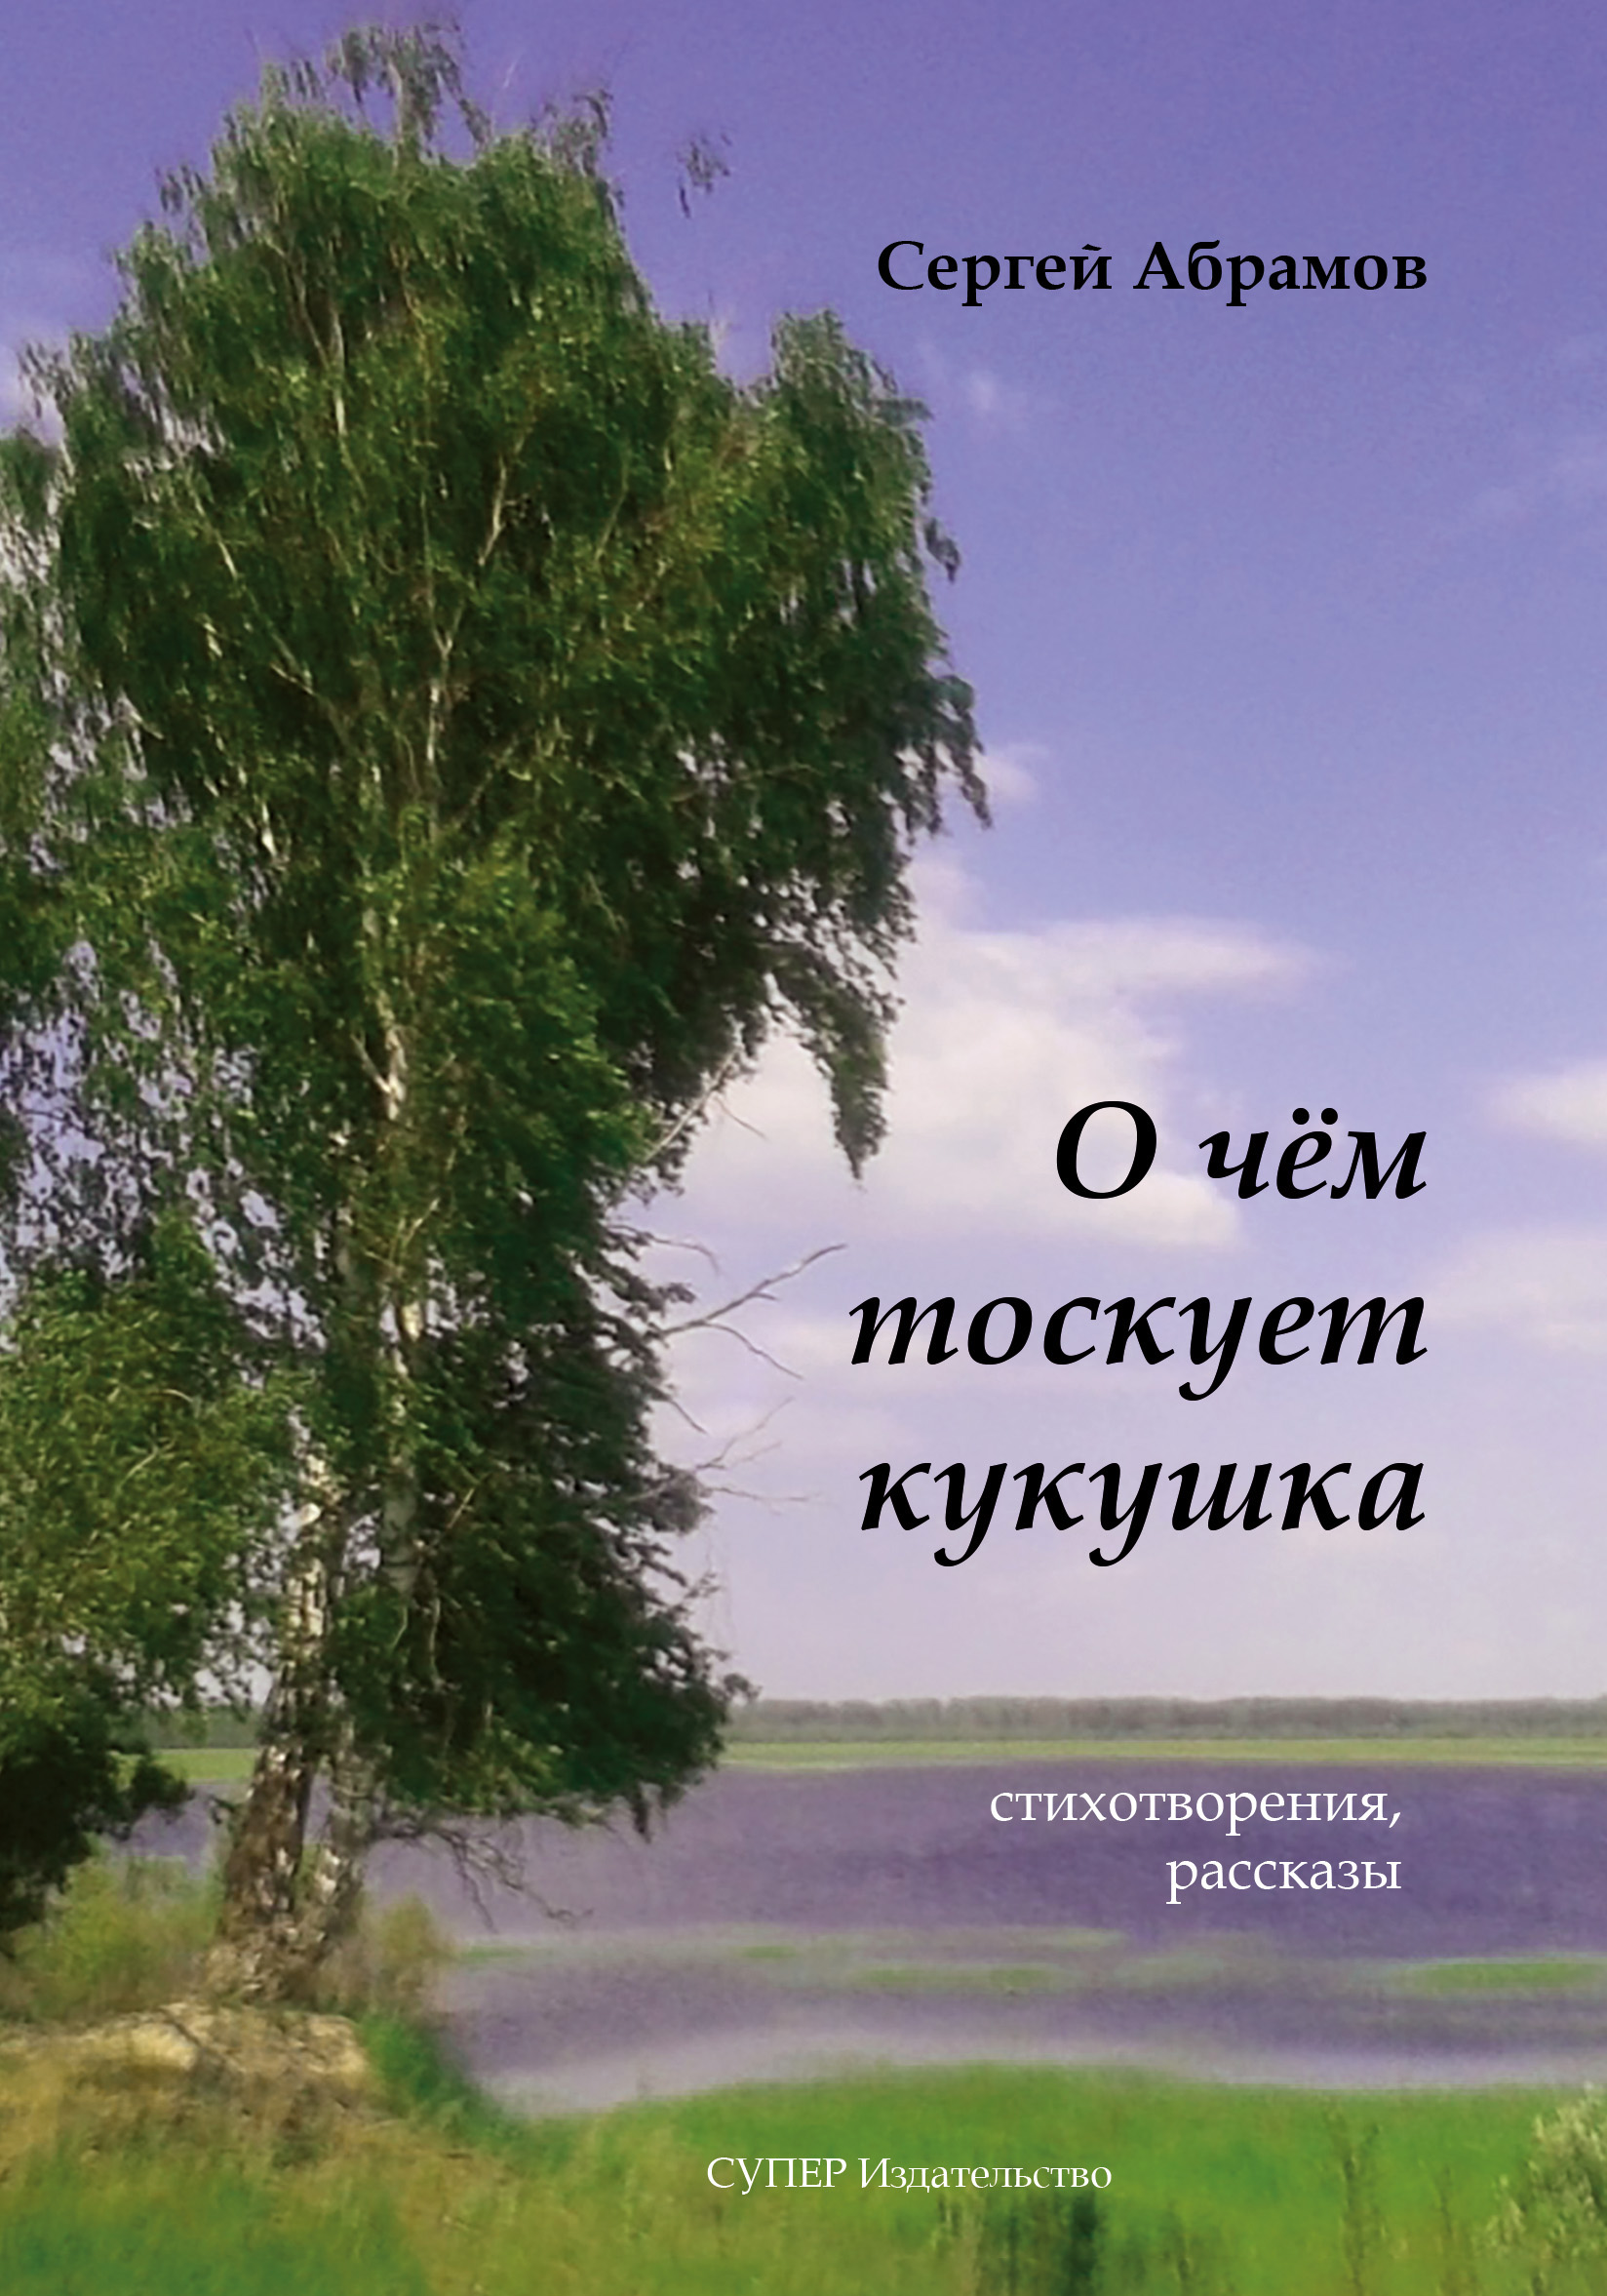 Сергей Абрамов О чем тоскует кукушка (сборник) сергей глазьев я просто выполняю свой долг